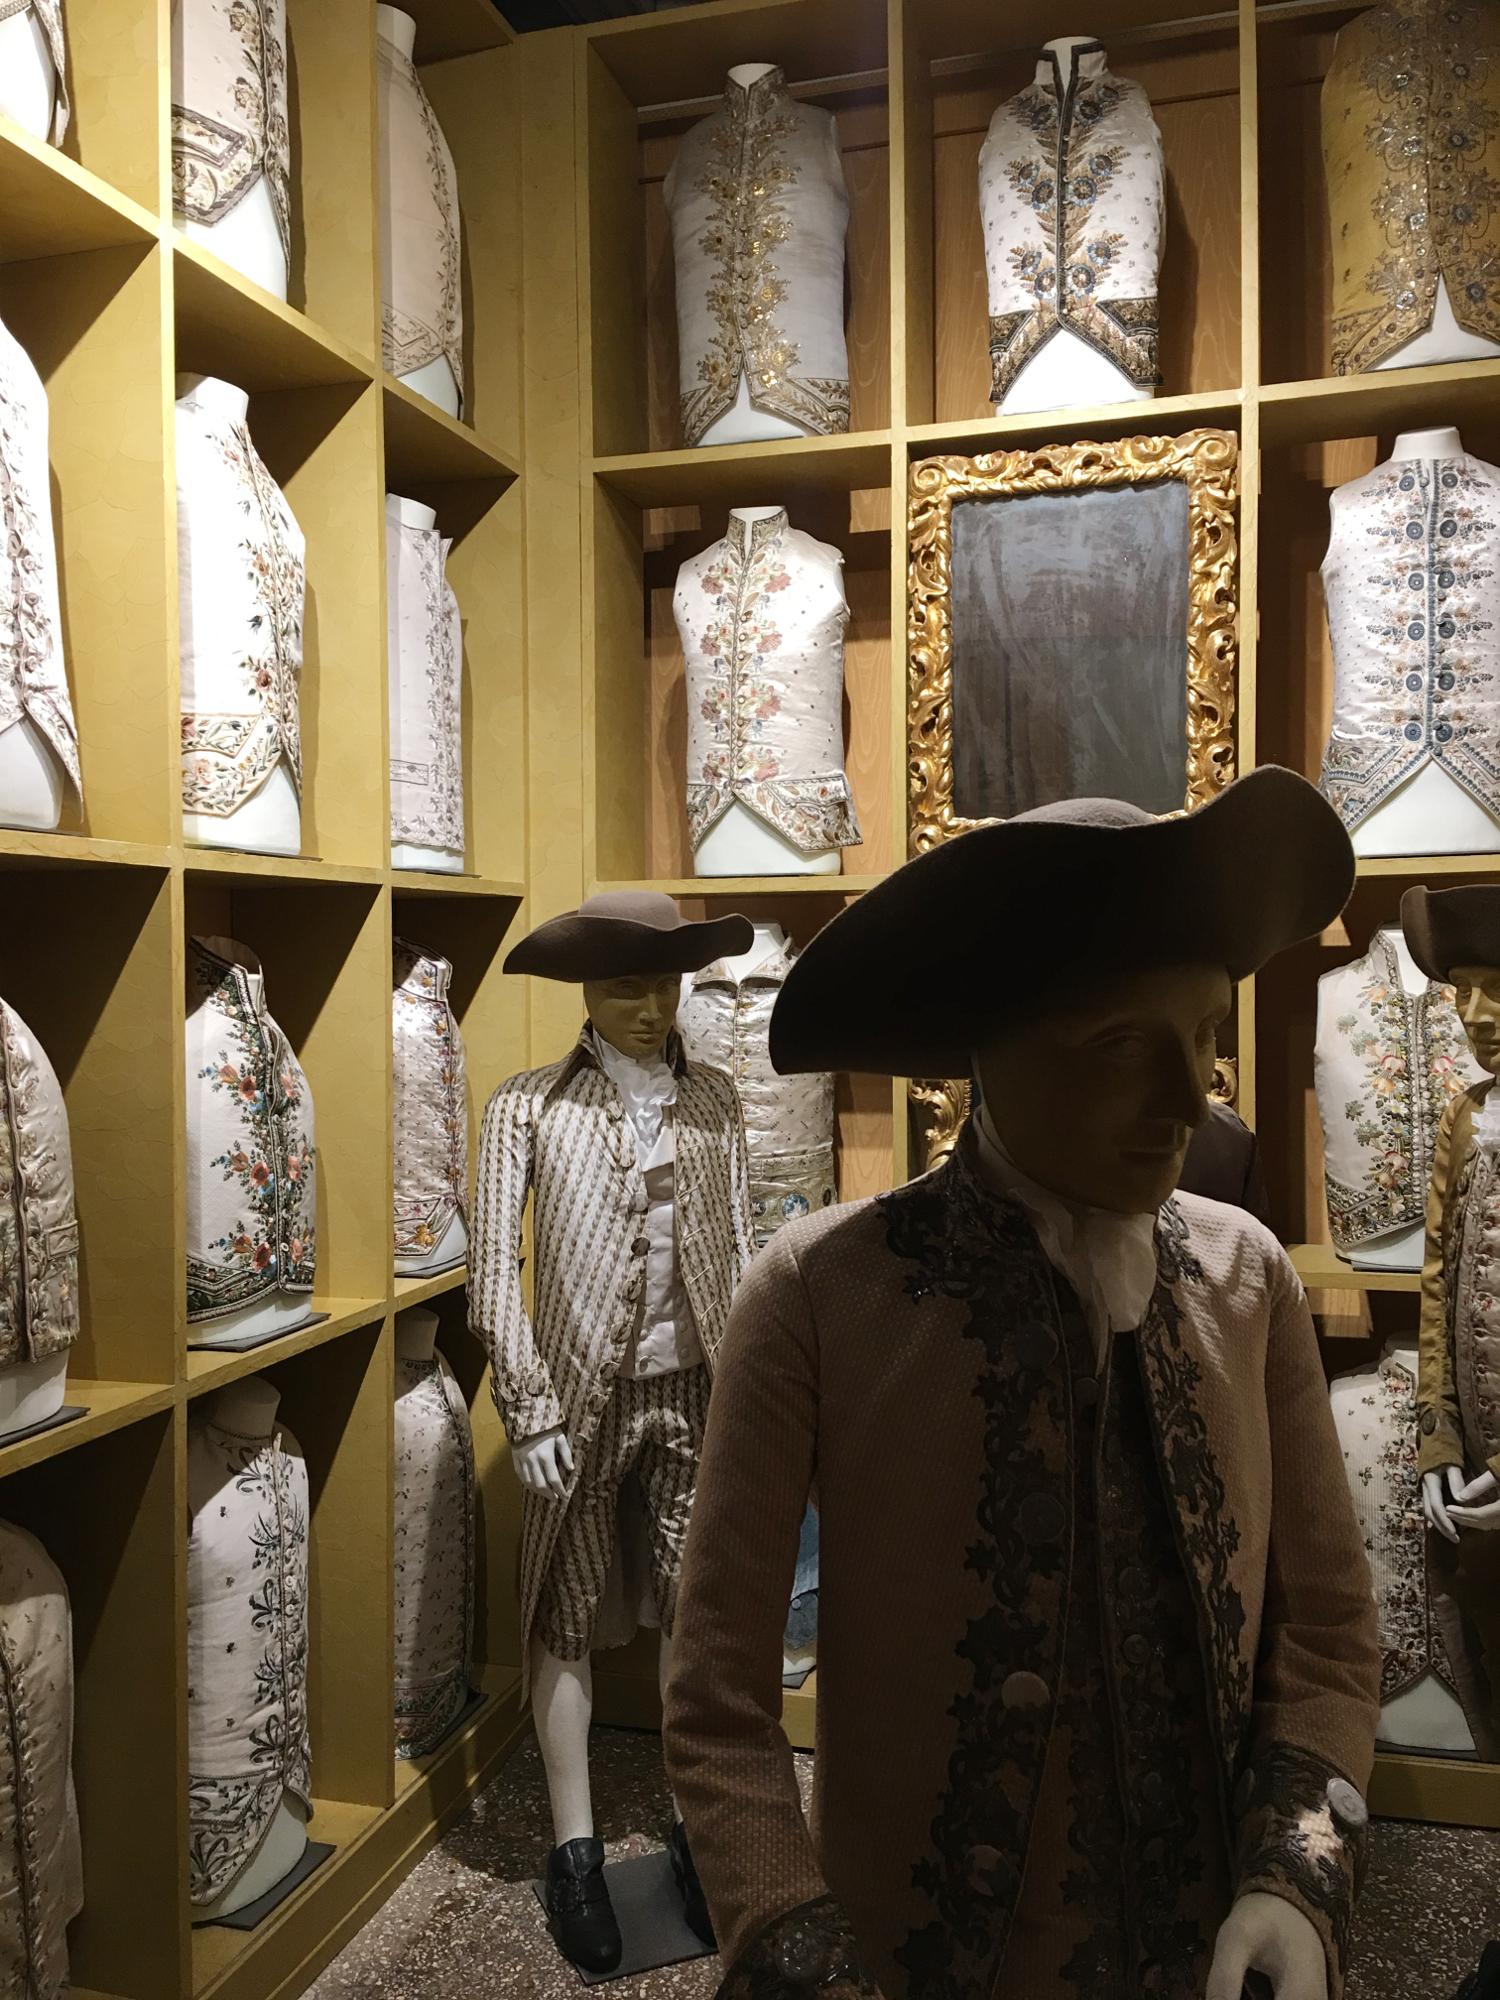 rocaille-blog-venezia-palazzo-mocenigo-museo-costume-47